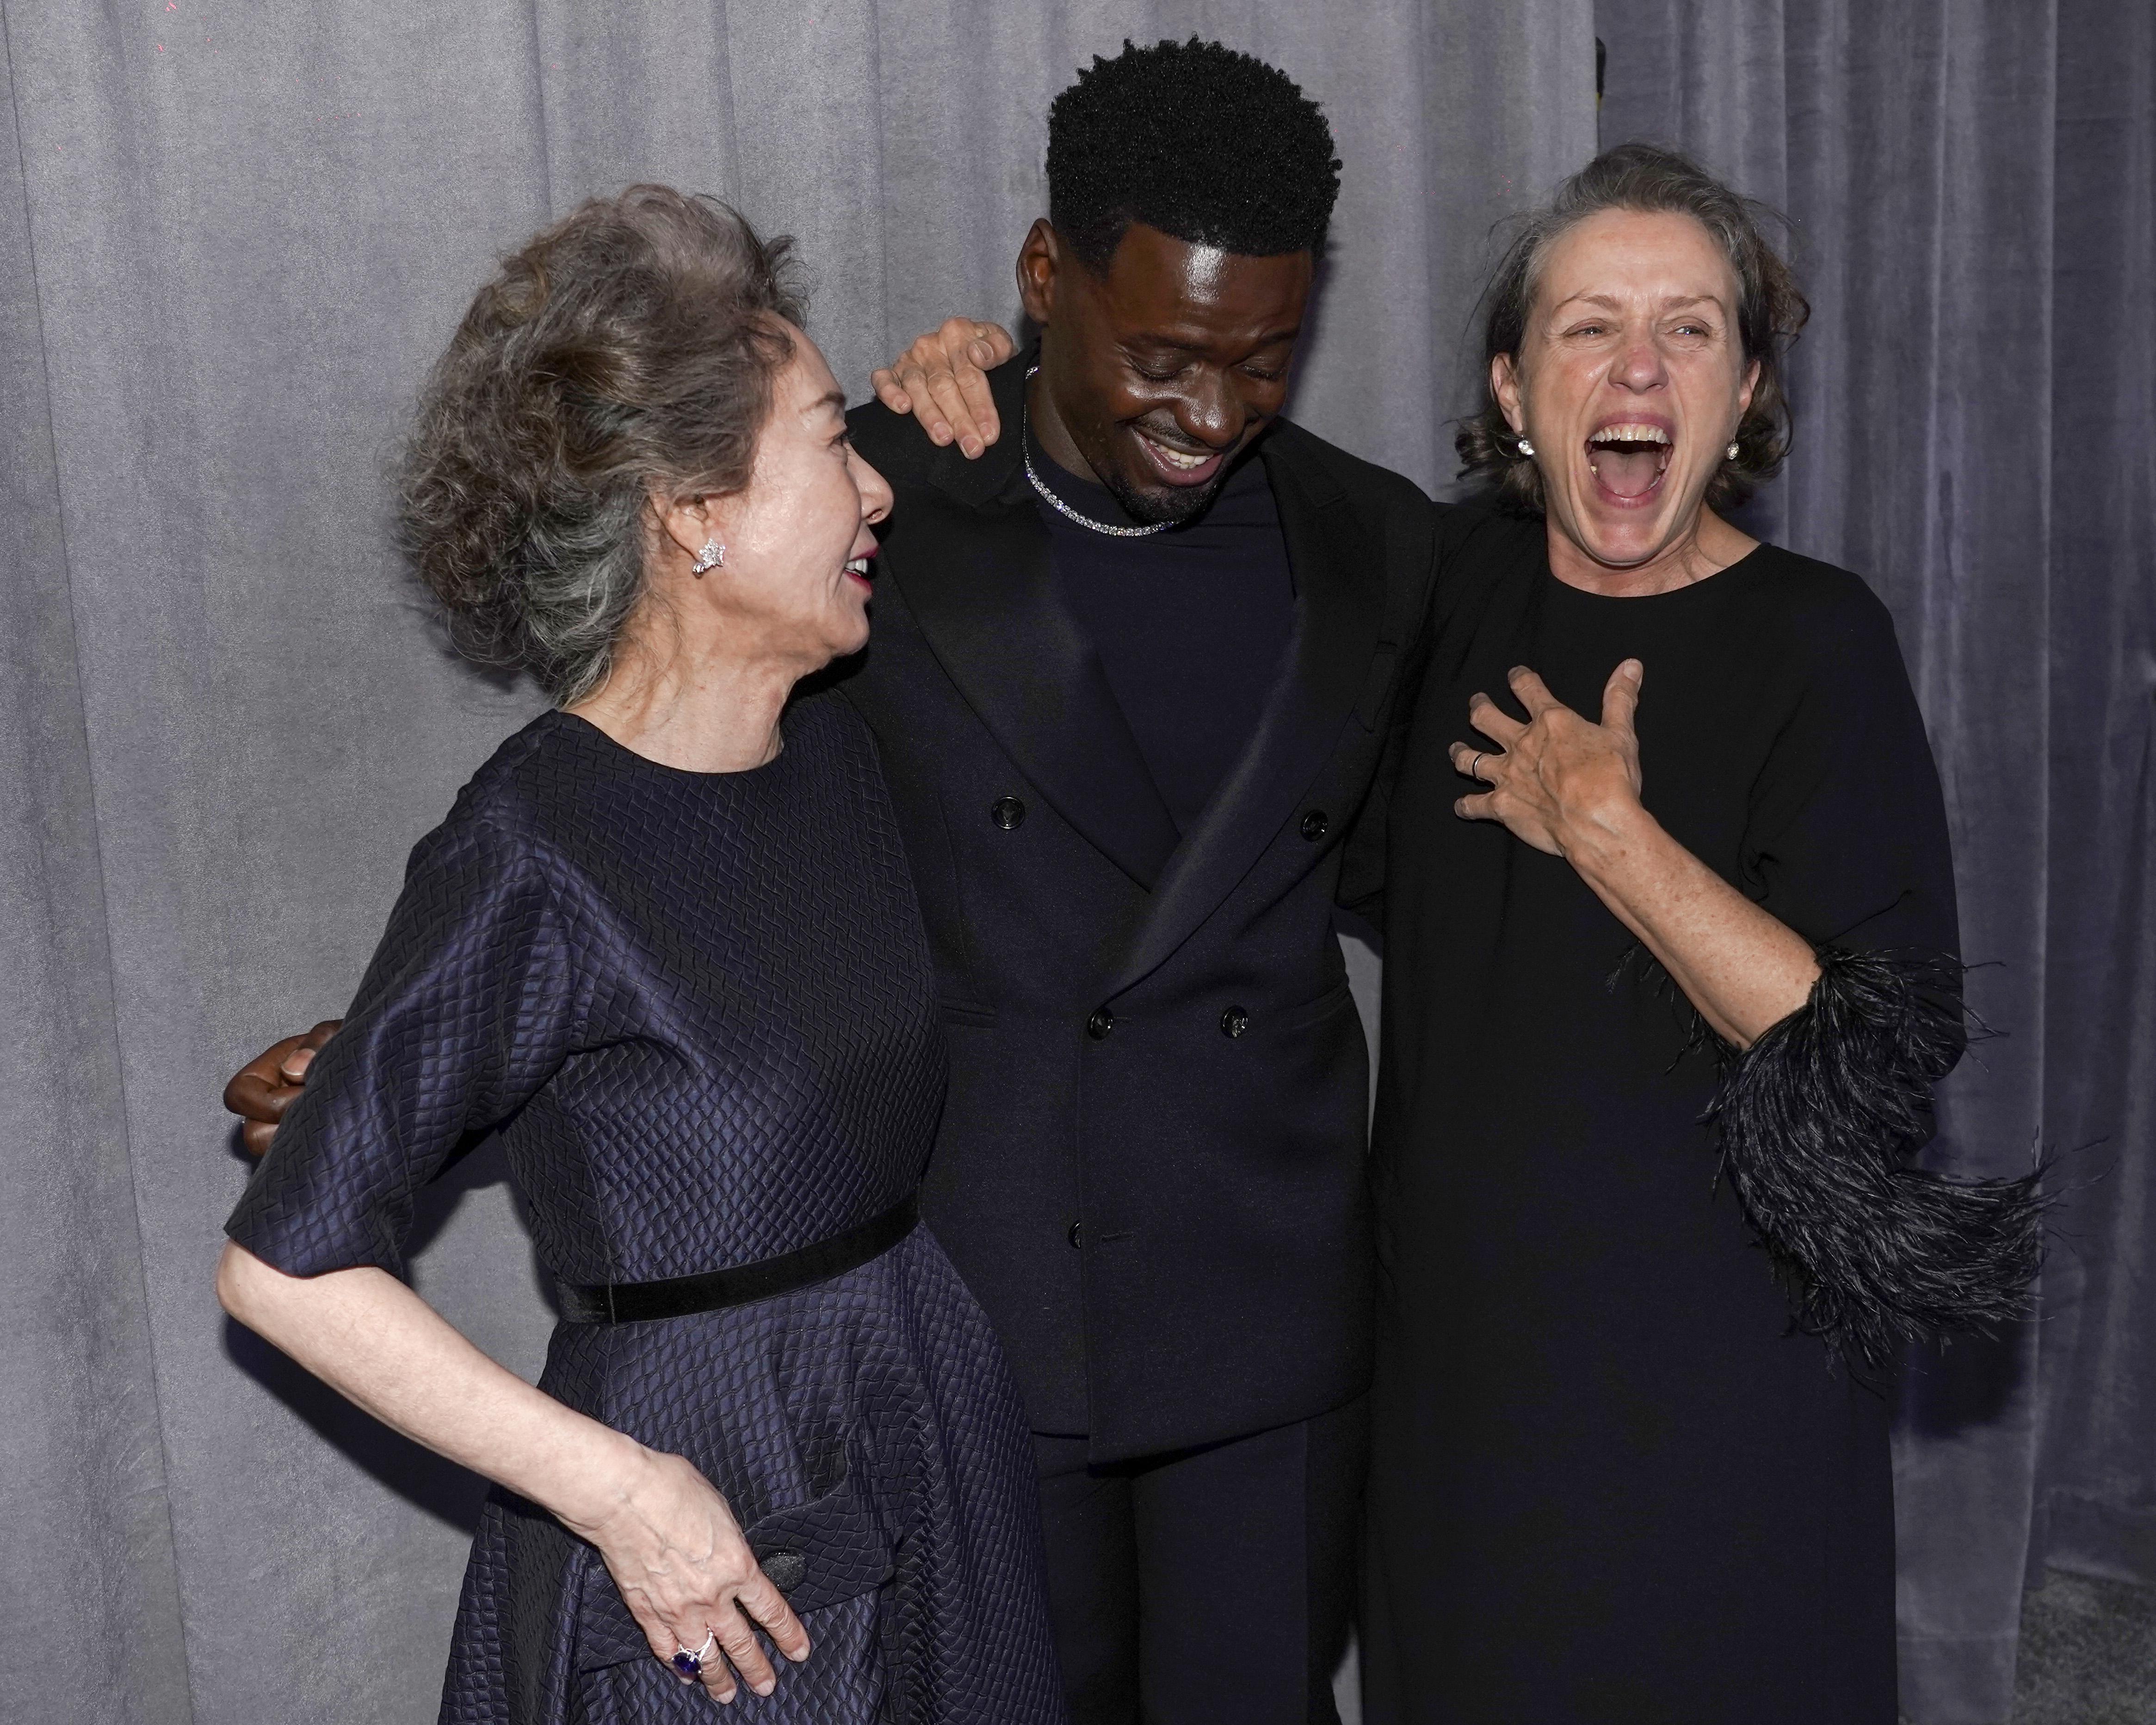 Yuh-Jung Youn, Daniel Kaluuya, and Frances McDormand laugh together after their 2021 Oscar wins